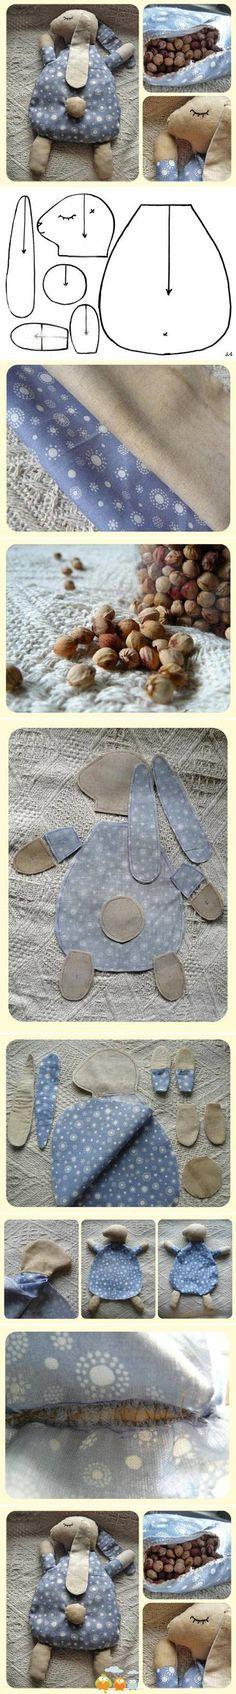 Baby Hase zum Kuscheln oder auch mit Kirschkernen gefüllt zum wärmen